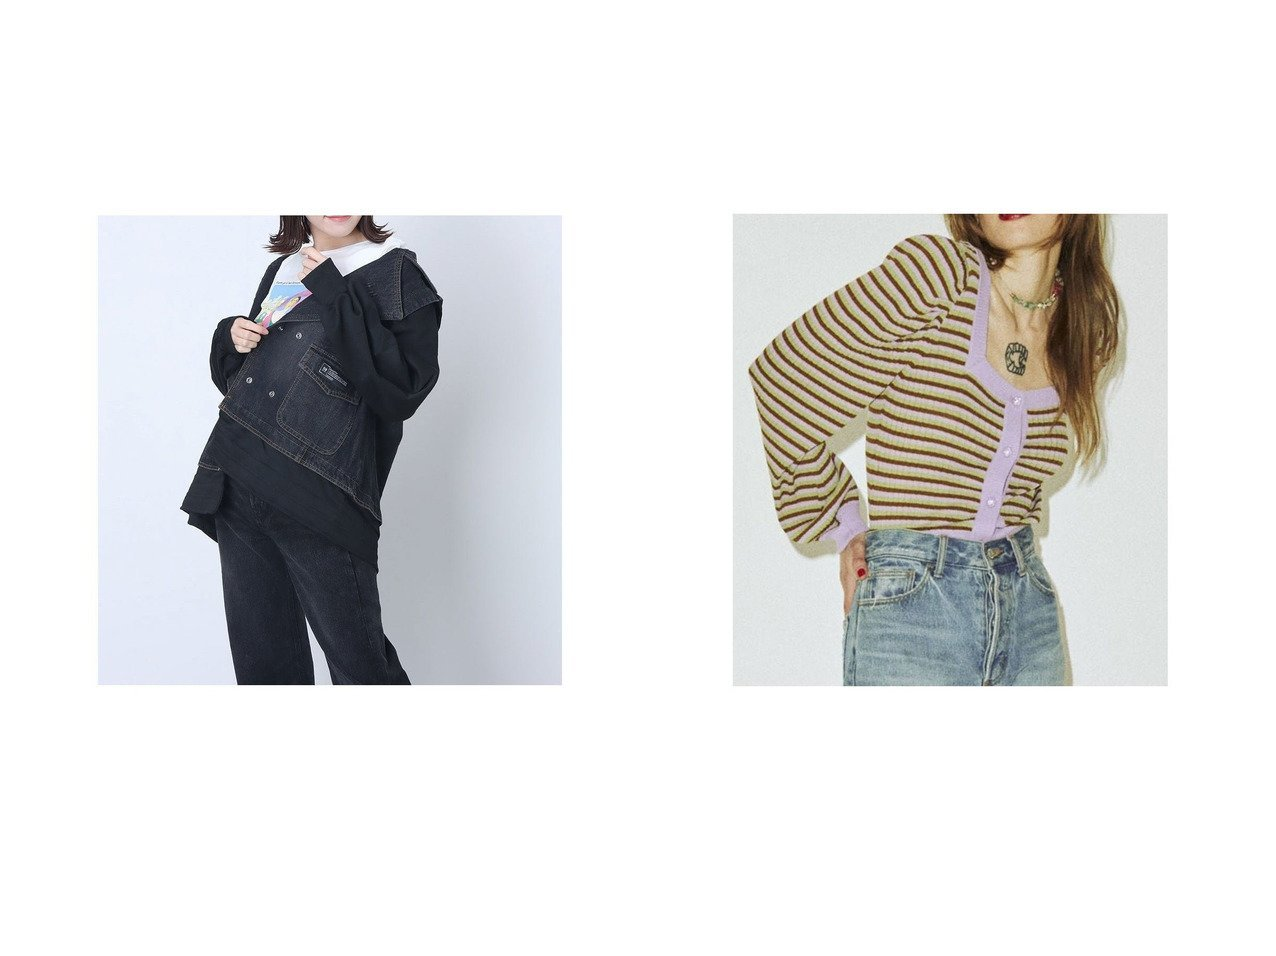 【SVEC/シュベック】のデニムライダースジャケット&【jouetie/ジュエティ】のjouetie 【WEB限定】スクエア2WAYカーデ おすすめ!人気、トレンド・レディースファッションの通販 おすすめで人気の流行・トレンド、ファッションの通販商品 インテリア・家具・メンズファッション・キッズファッション・レディースファッション・服の通販 founy(ファニー) https://founy.com/ ファッション Fashion レディースファッション WOMEN アウター Coat Outerwear ジャケット Jackets ライダース Riders Jacket 2021年 2021 2021春夏・S/S SS/Spring/Summer/2021 S/S・春夏 SS・Spring/Summer おすすめ Recommend カーディガン スクエア デニム パターン ボトム 春 Spring 羽織 インナー スウェット ドッキング ライダースジャケット  ID:crp329100000045346